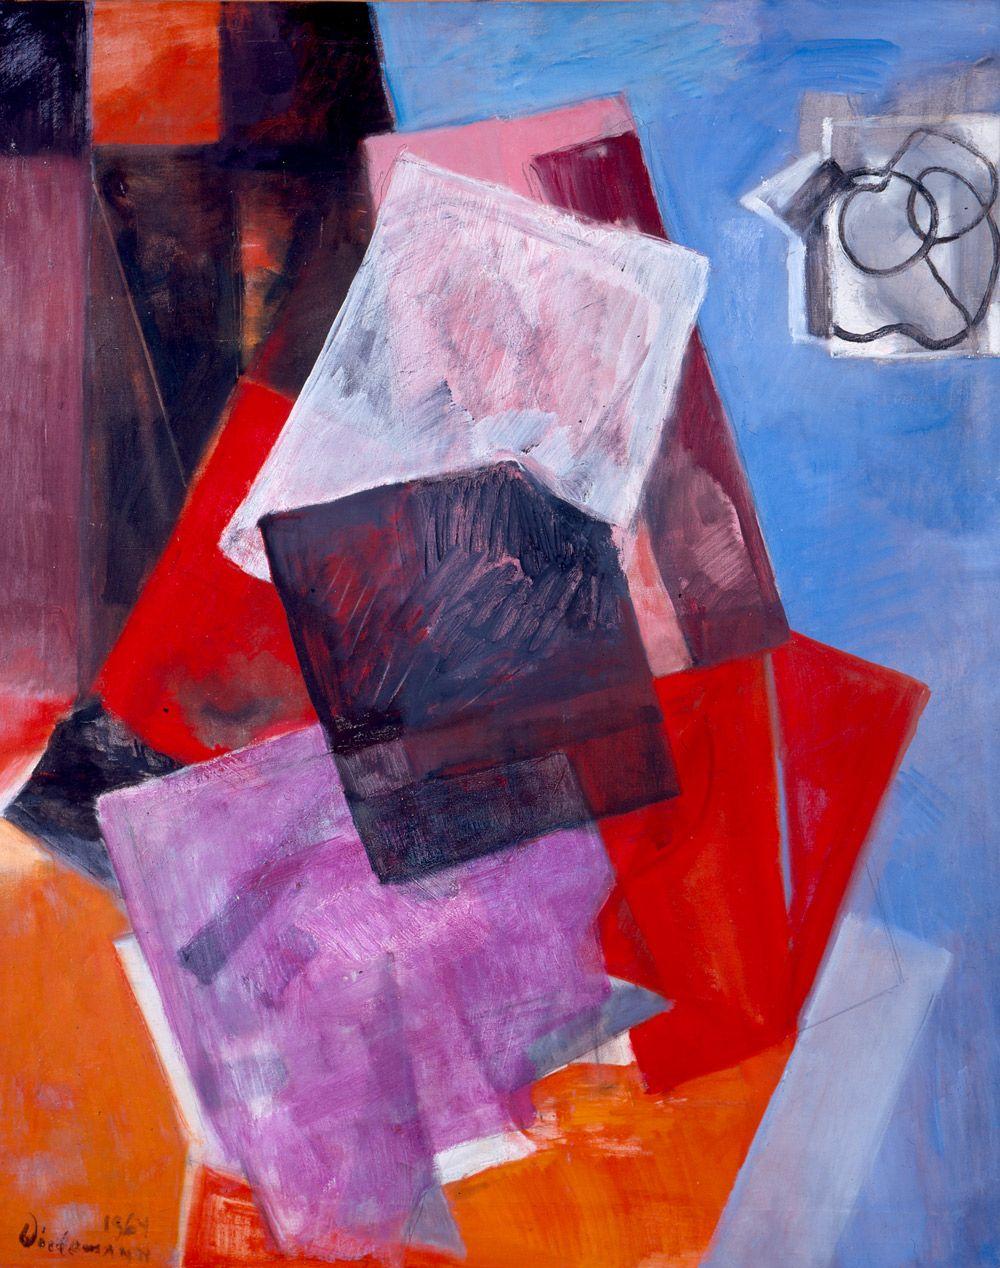 Formas diagonales - Guillermo Wiedemann | Arte, Formas, Bancos